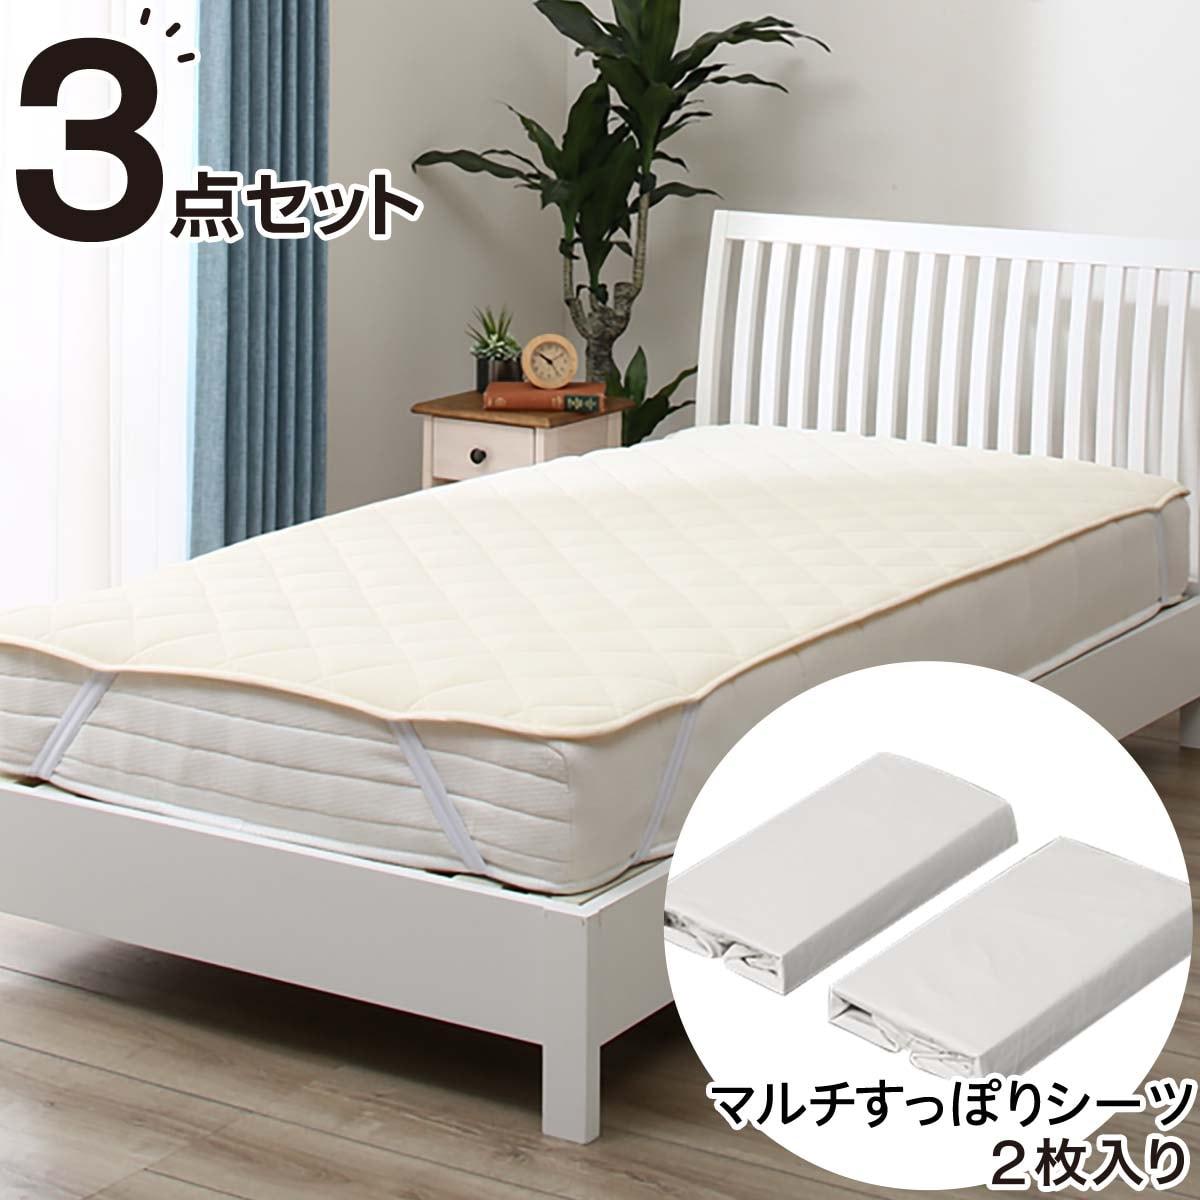 【3点セット】ベッドパッド&マルチすっぽりシーツ クイーン(メッシュ GY Q) ニトリ 【送料無料・玄関先迄納品】